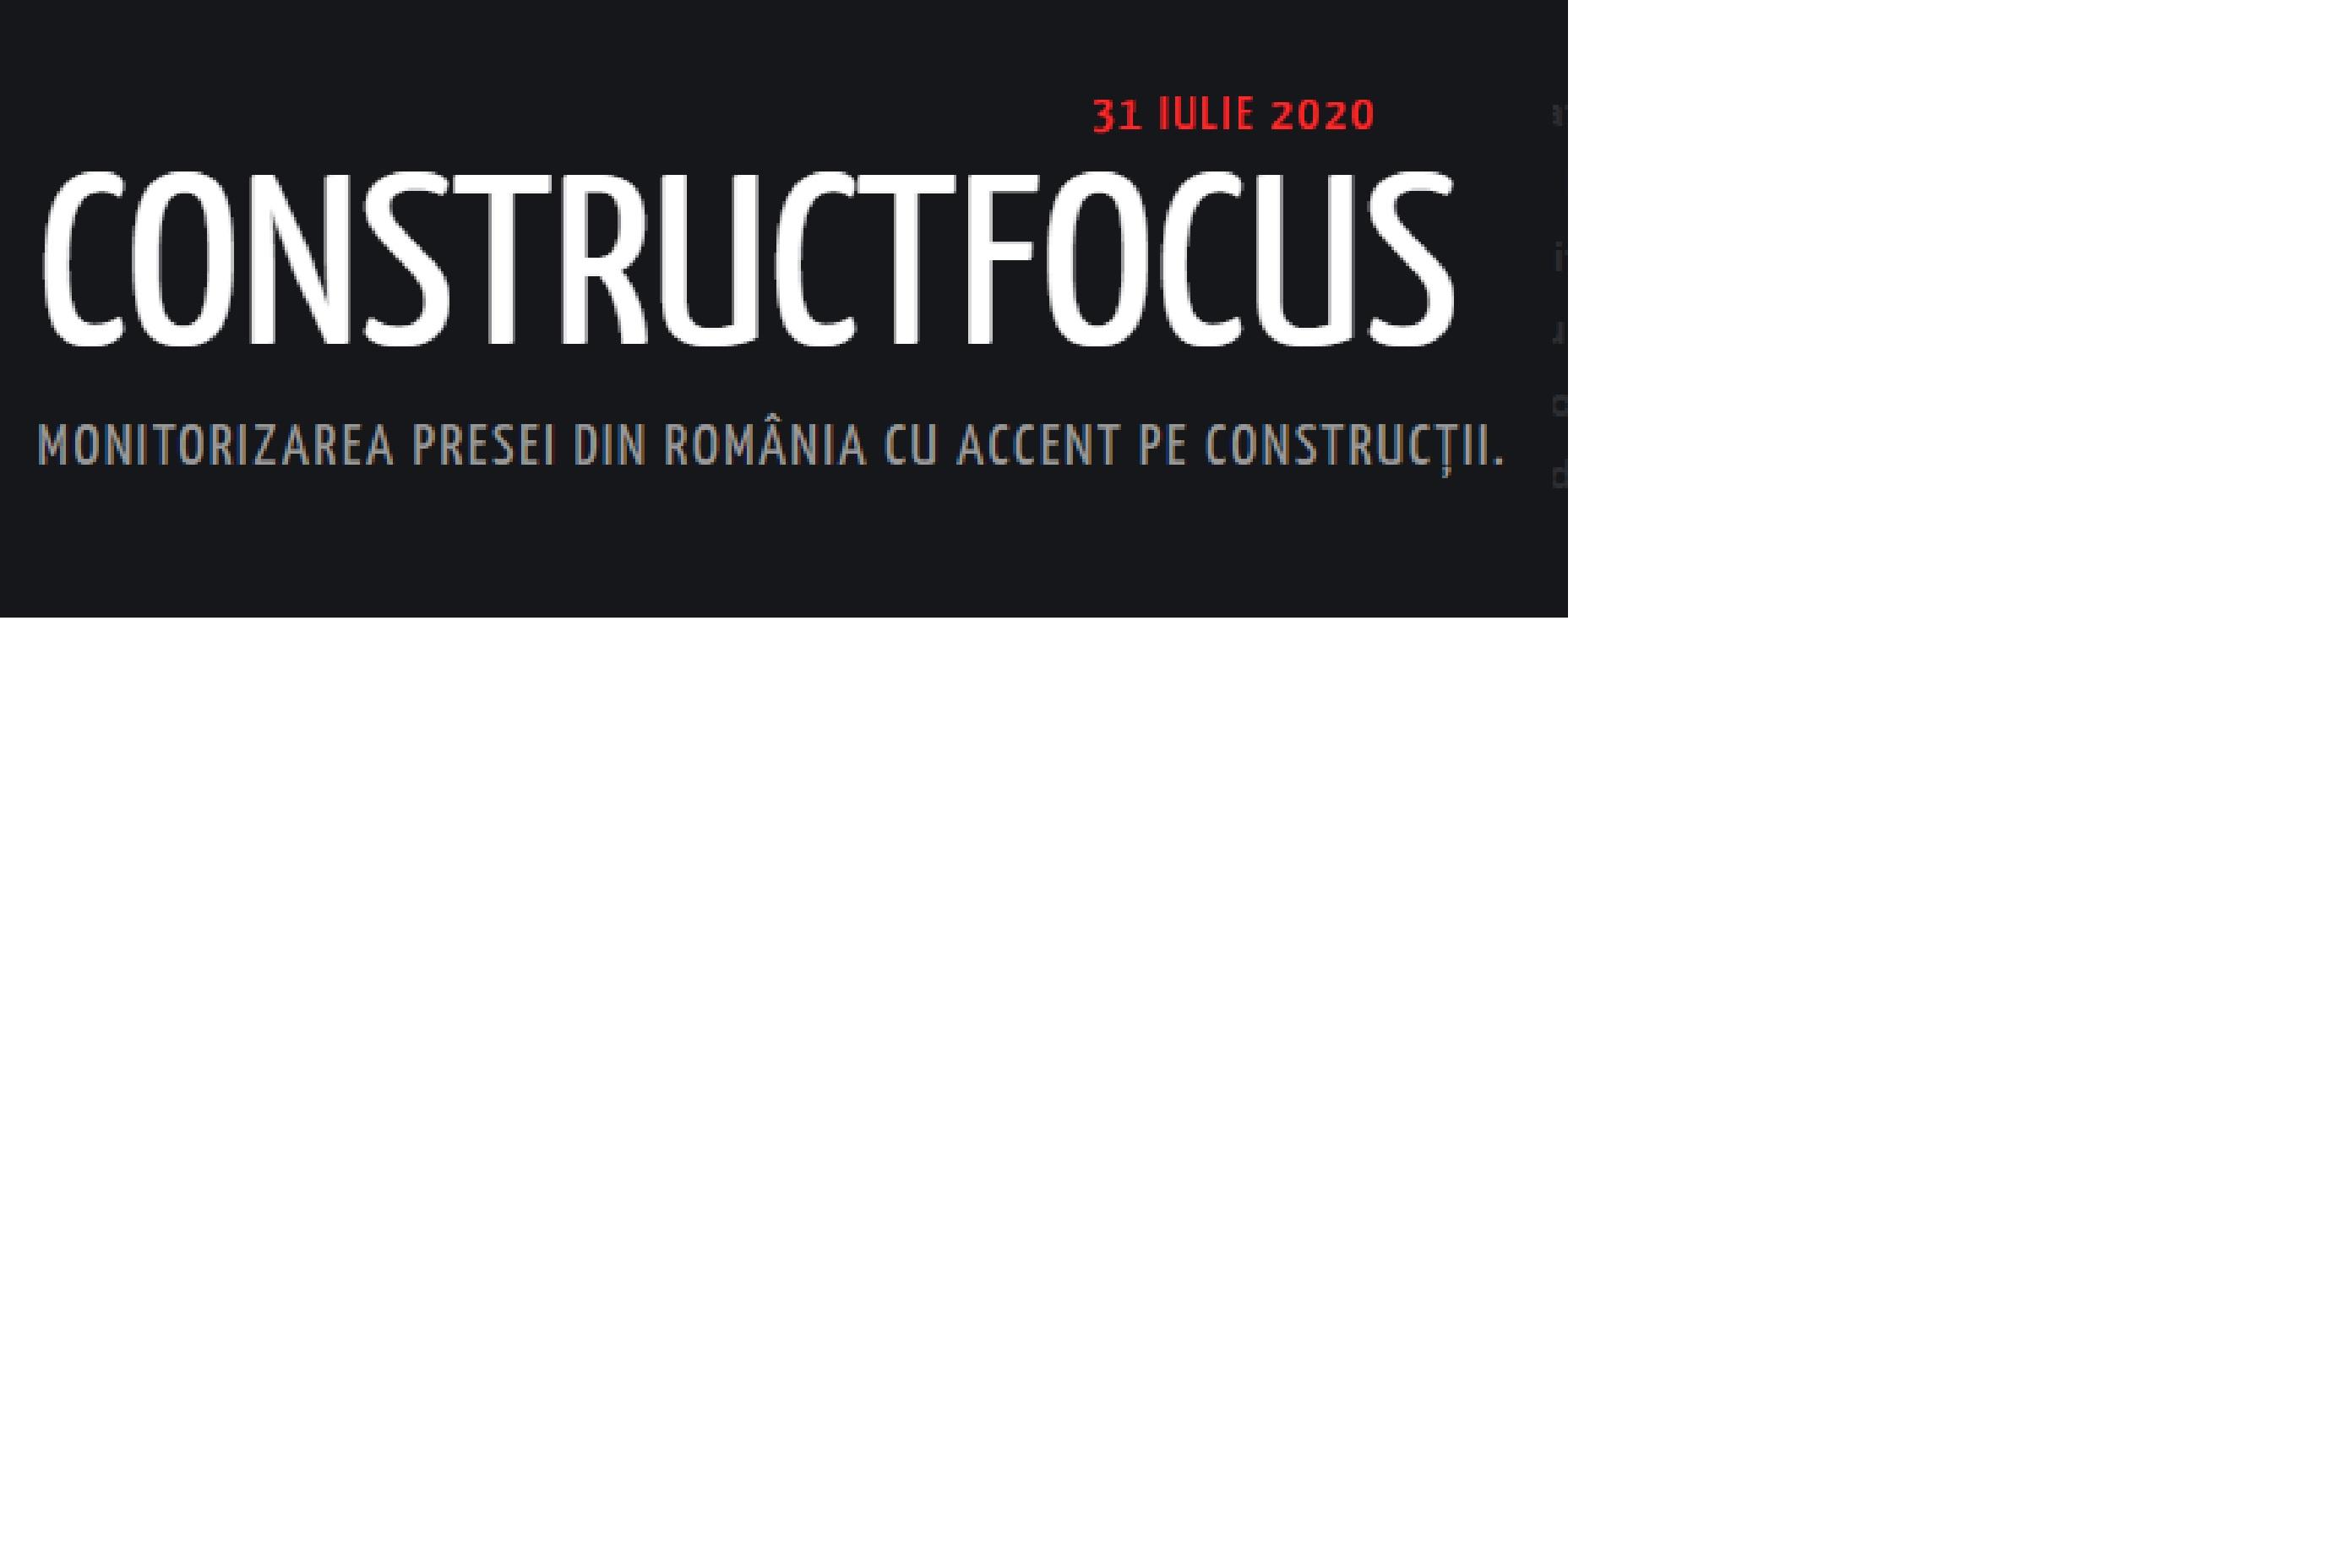 dematek-Dan Irimia - Director Comercial Dematek a sustinut un interviu la CONSTRUCTFOCUS